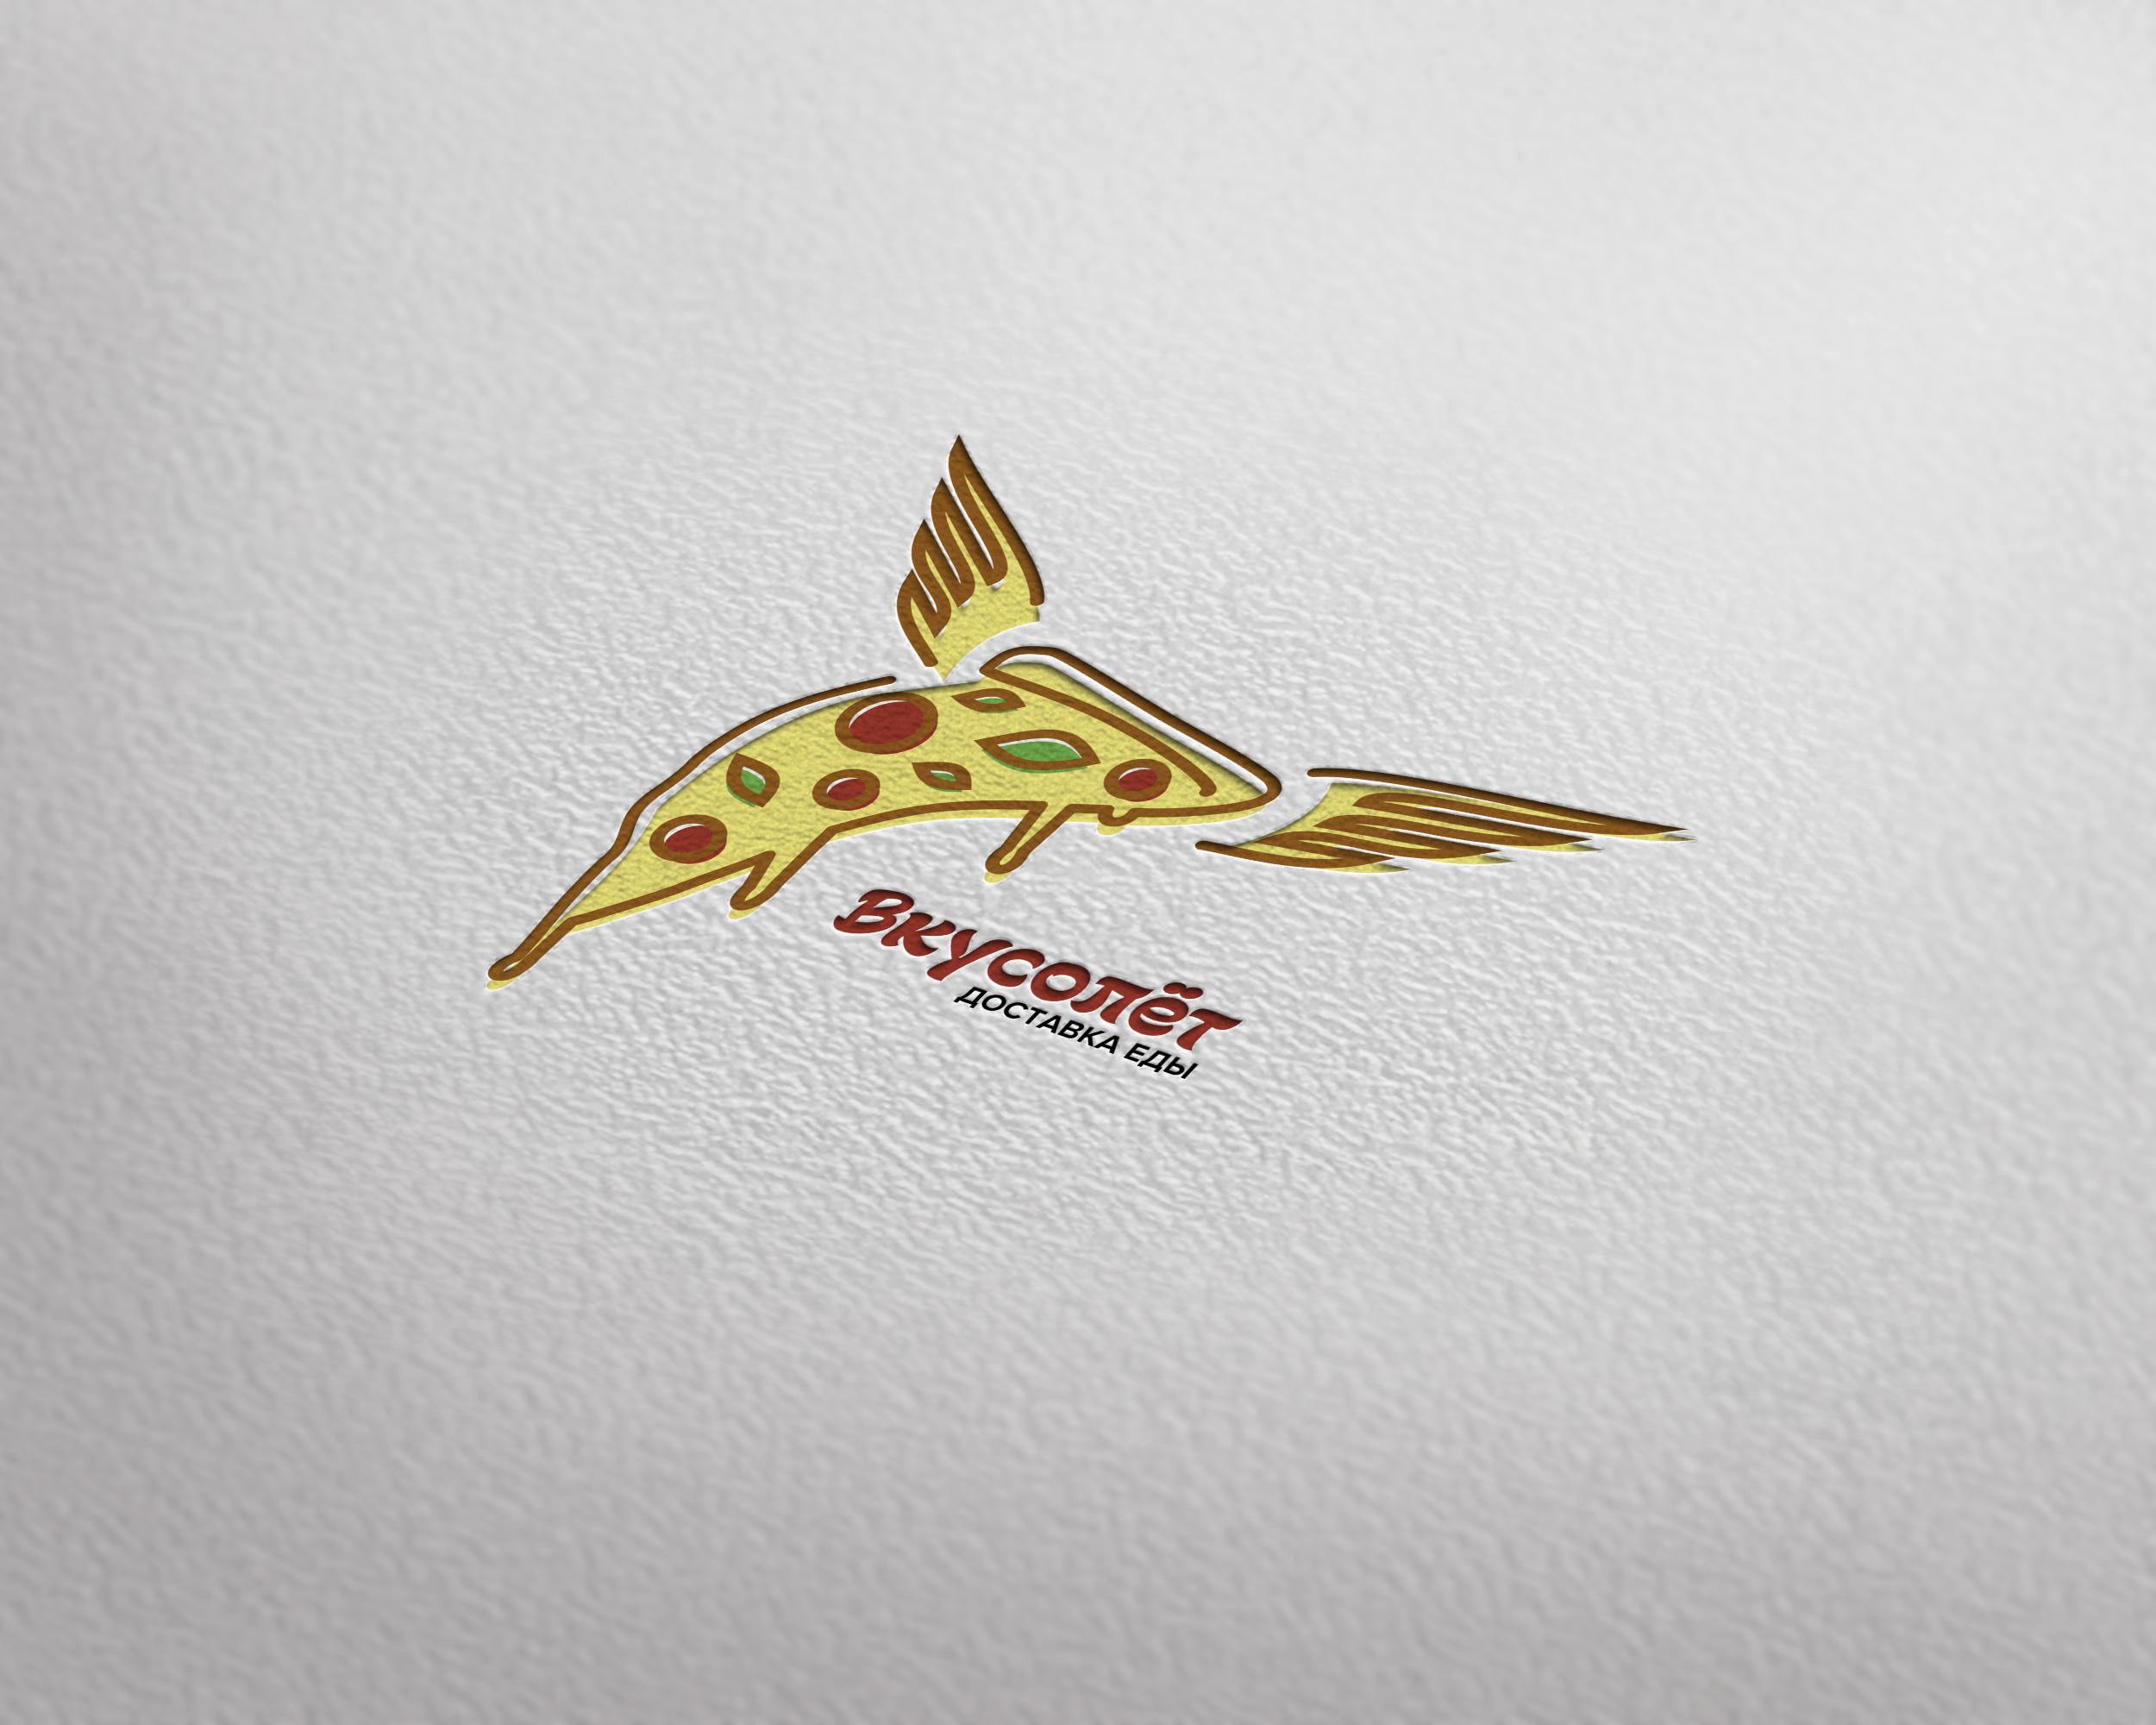 Логотип для доставки еды фото f_84459d4b68a05889.jpg